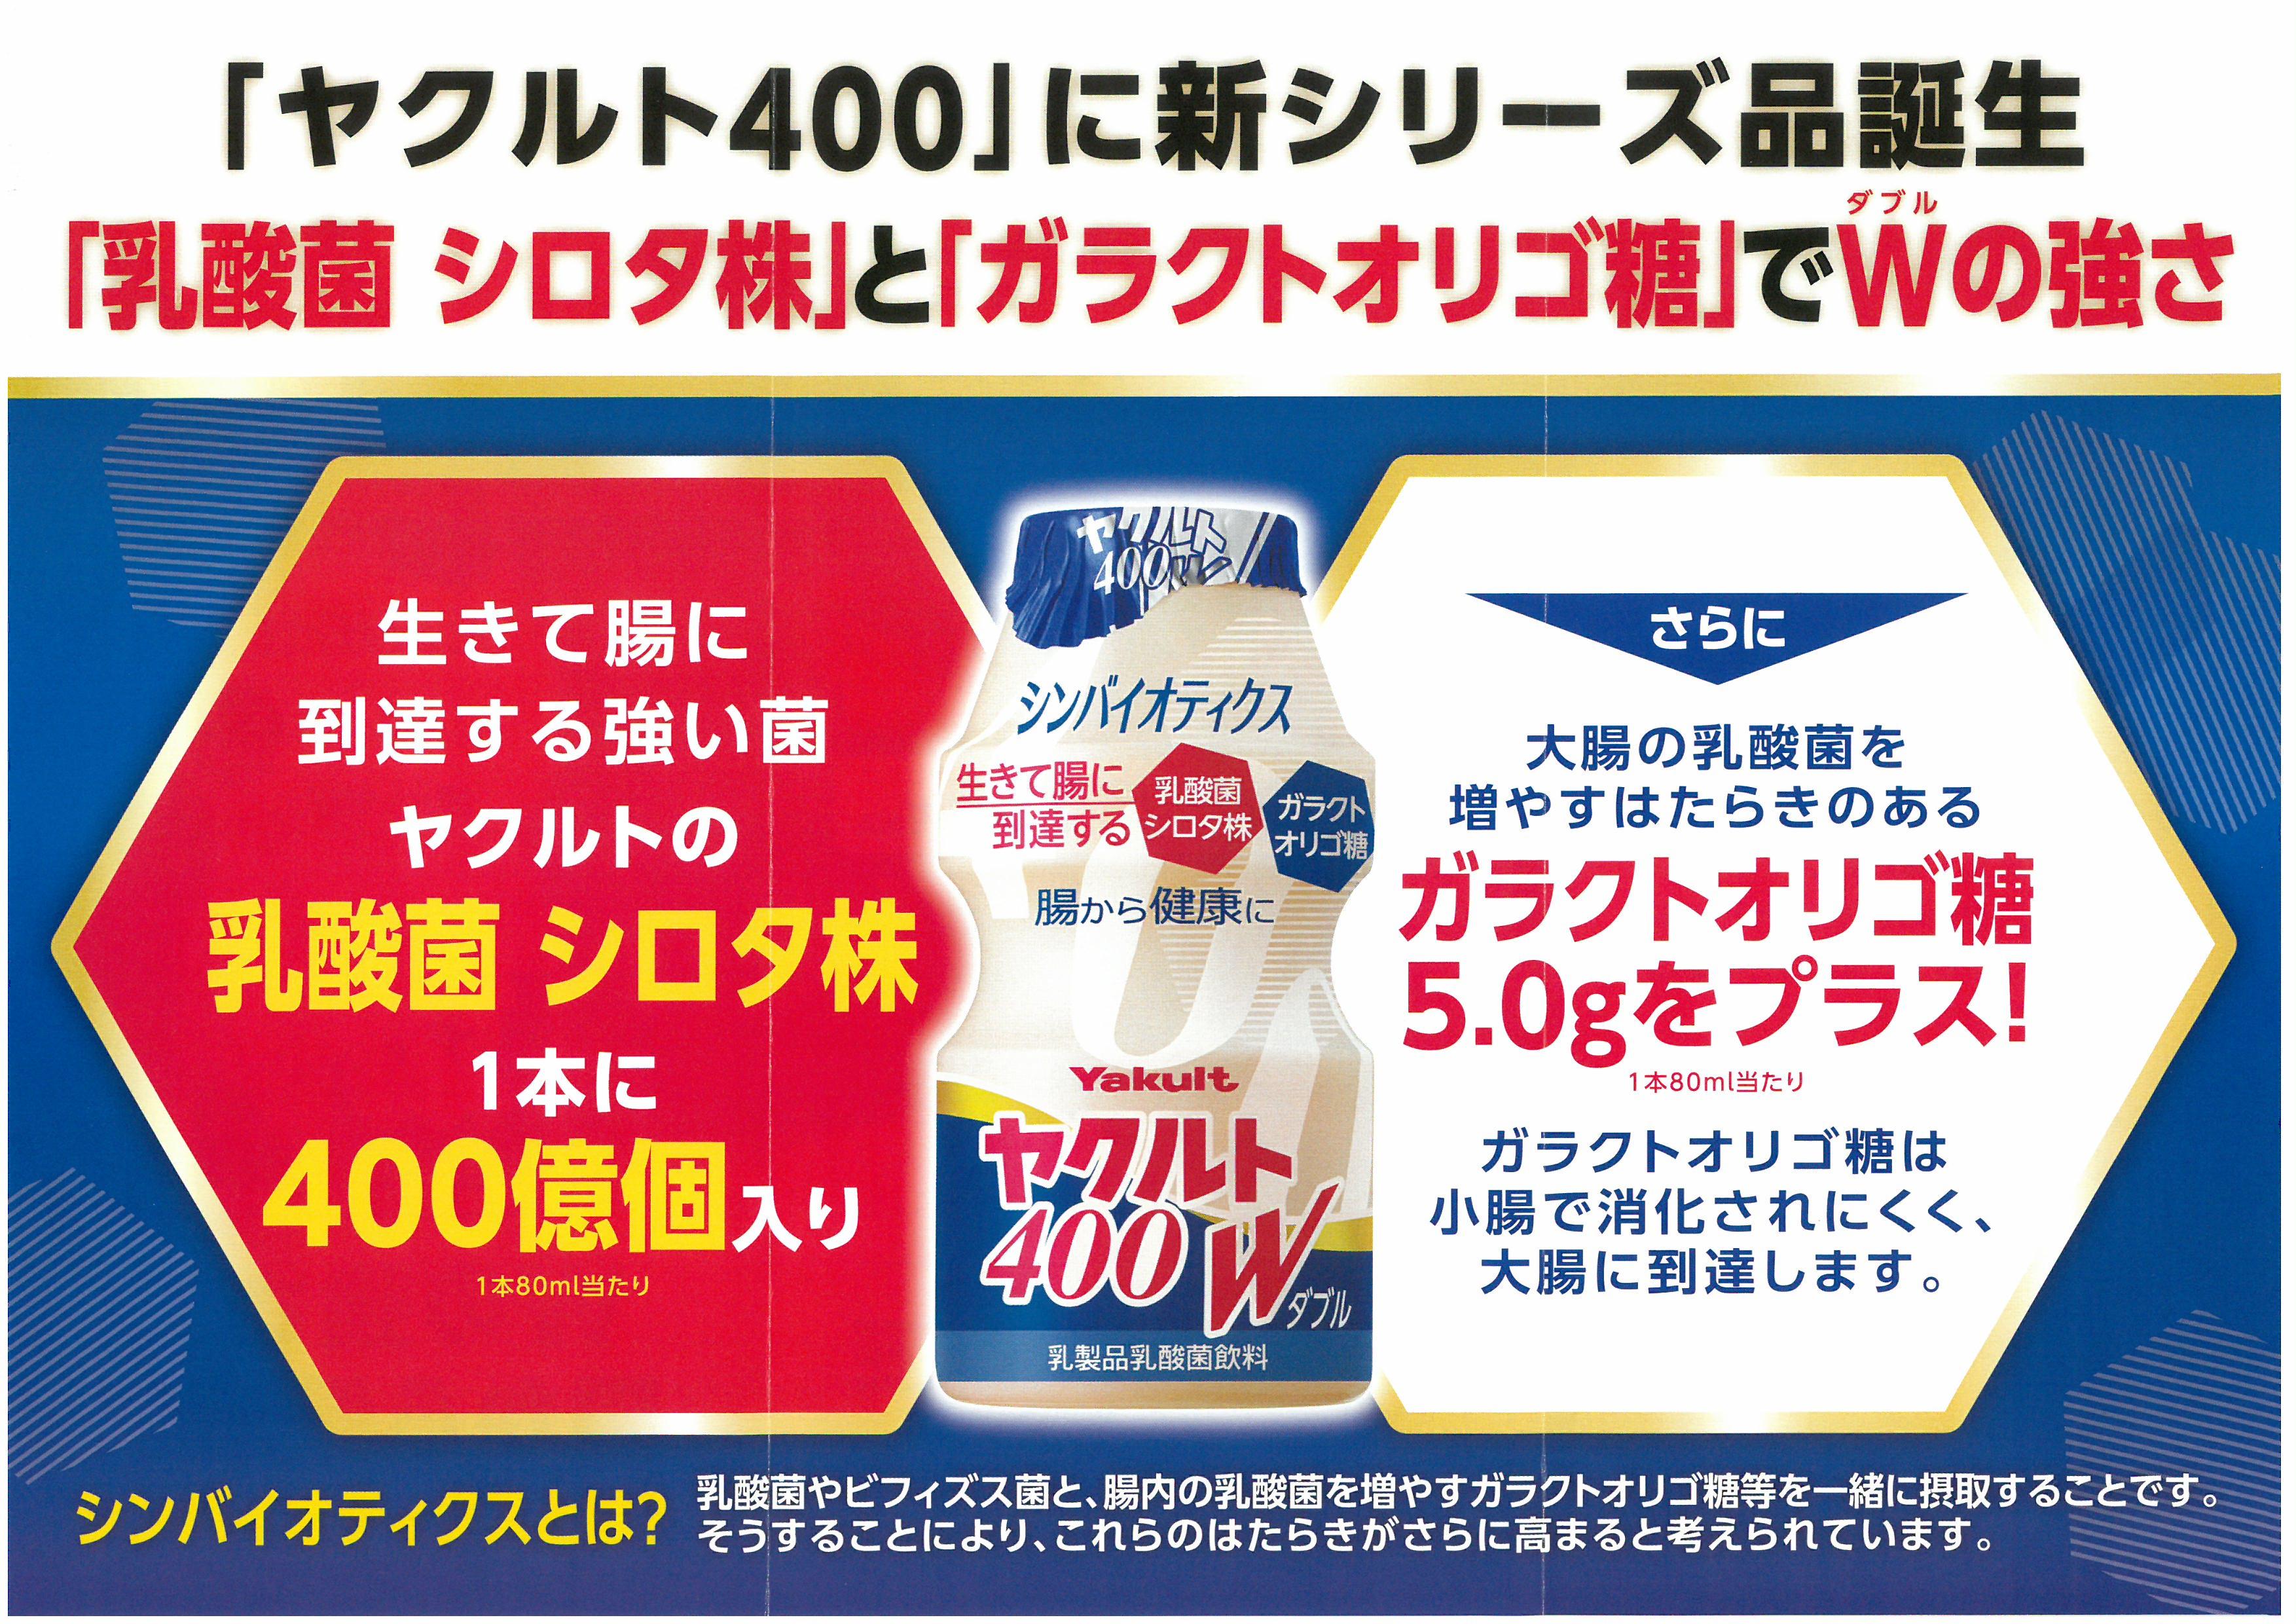 「ヤクルト400W」を九州地区で発売